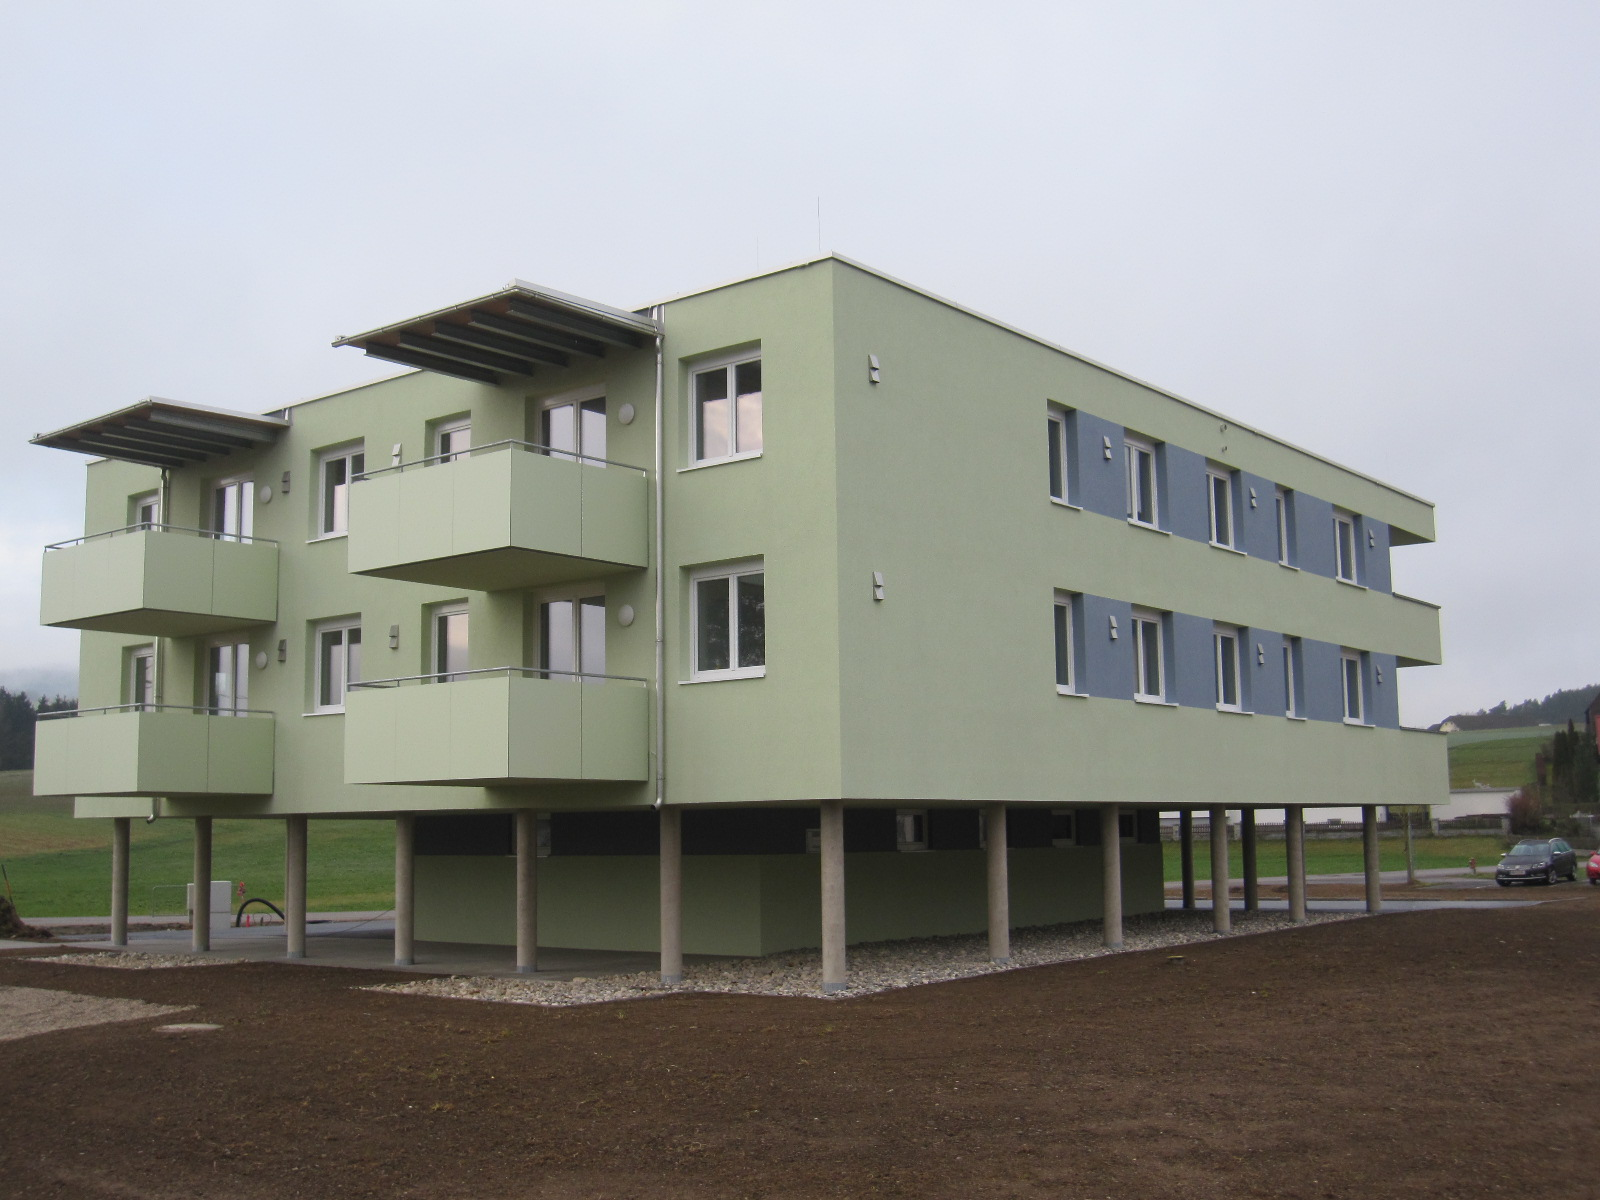 Immobilie von LAWOG in Aistfeld 44/8, 4292 Kefermarkt #0